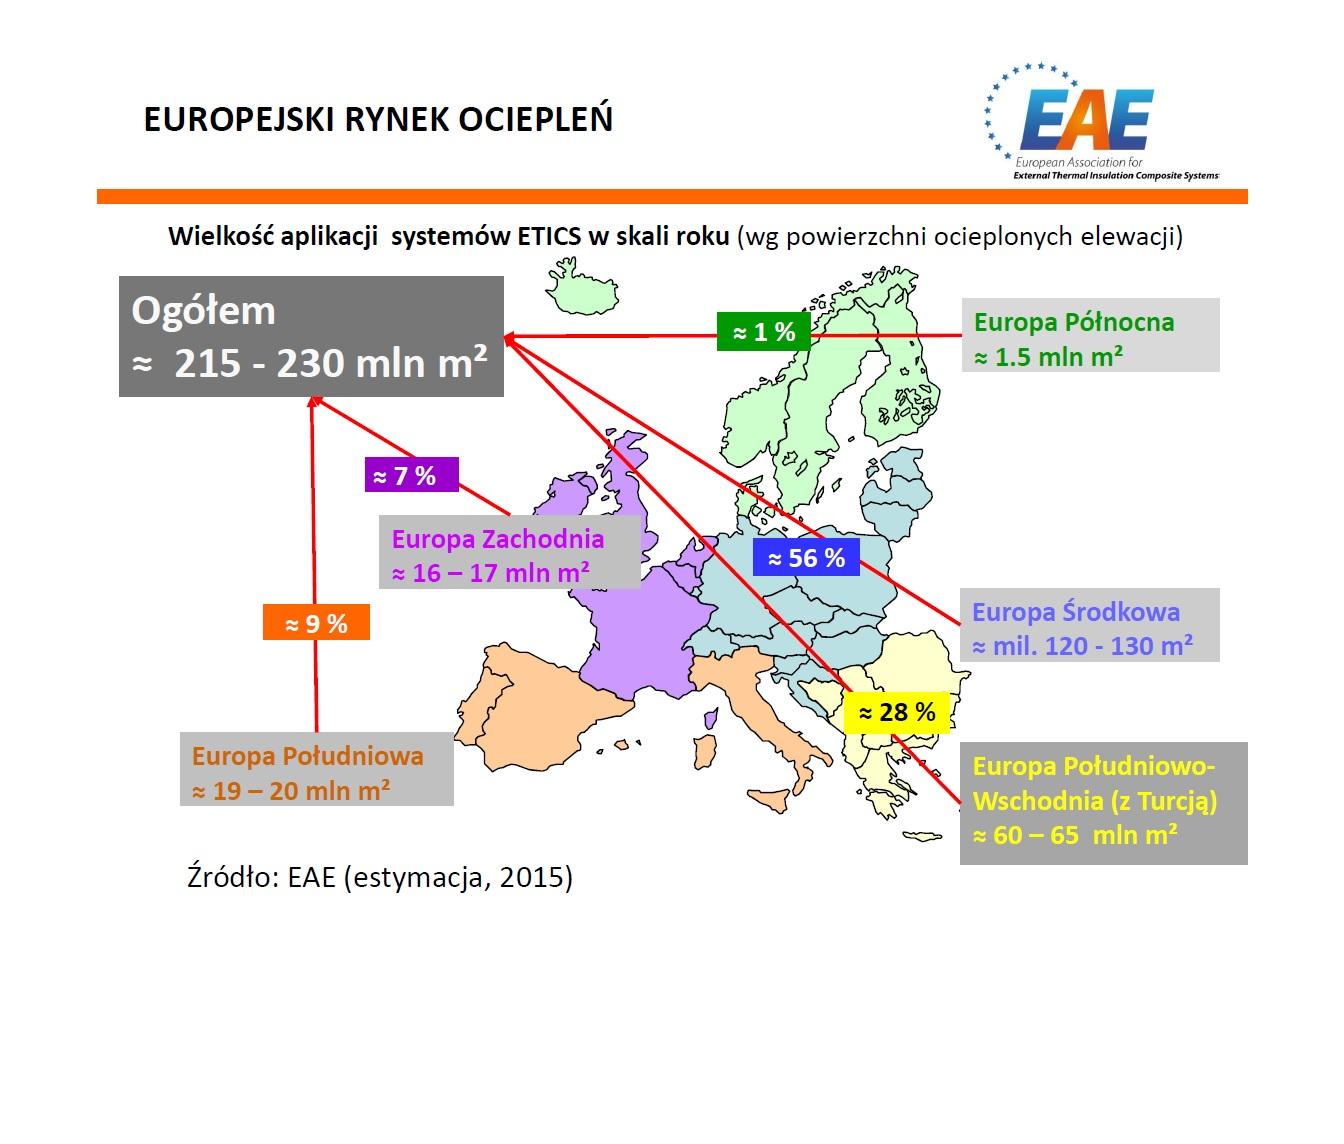 EUROPEJSKI RYNEK OCIEPLEŃ